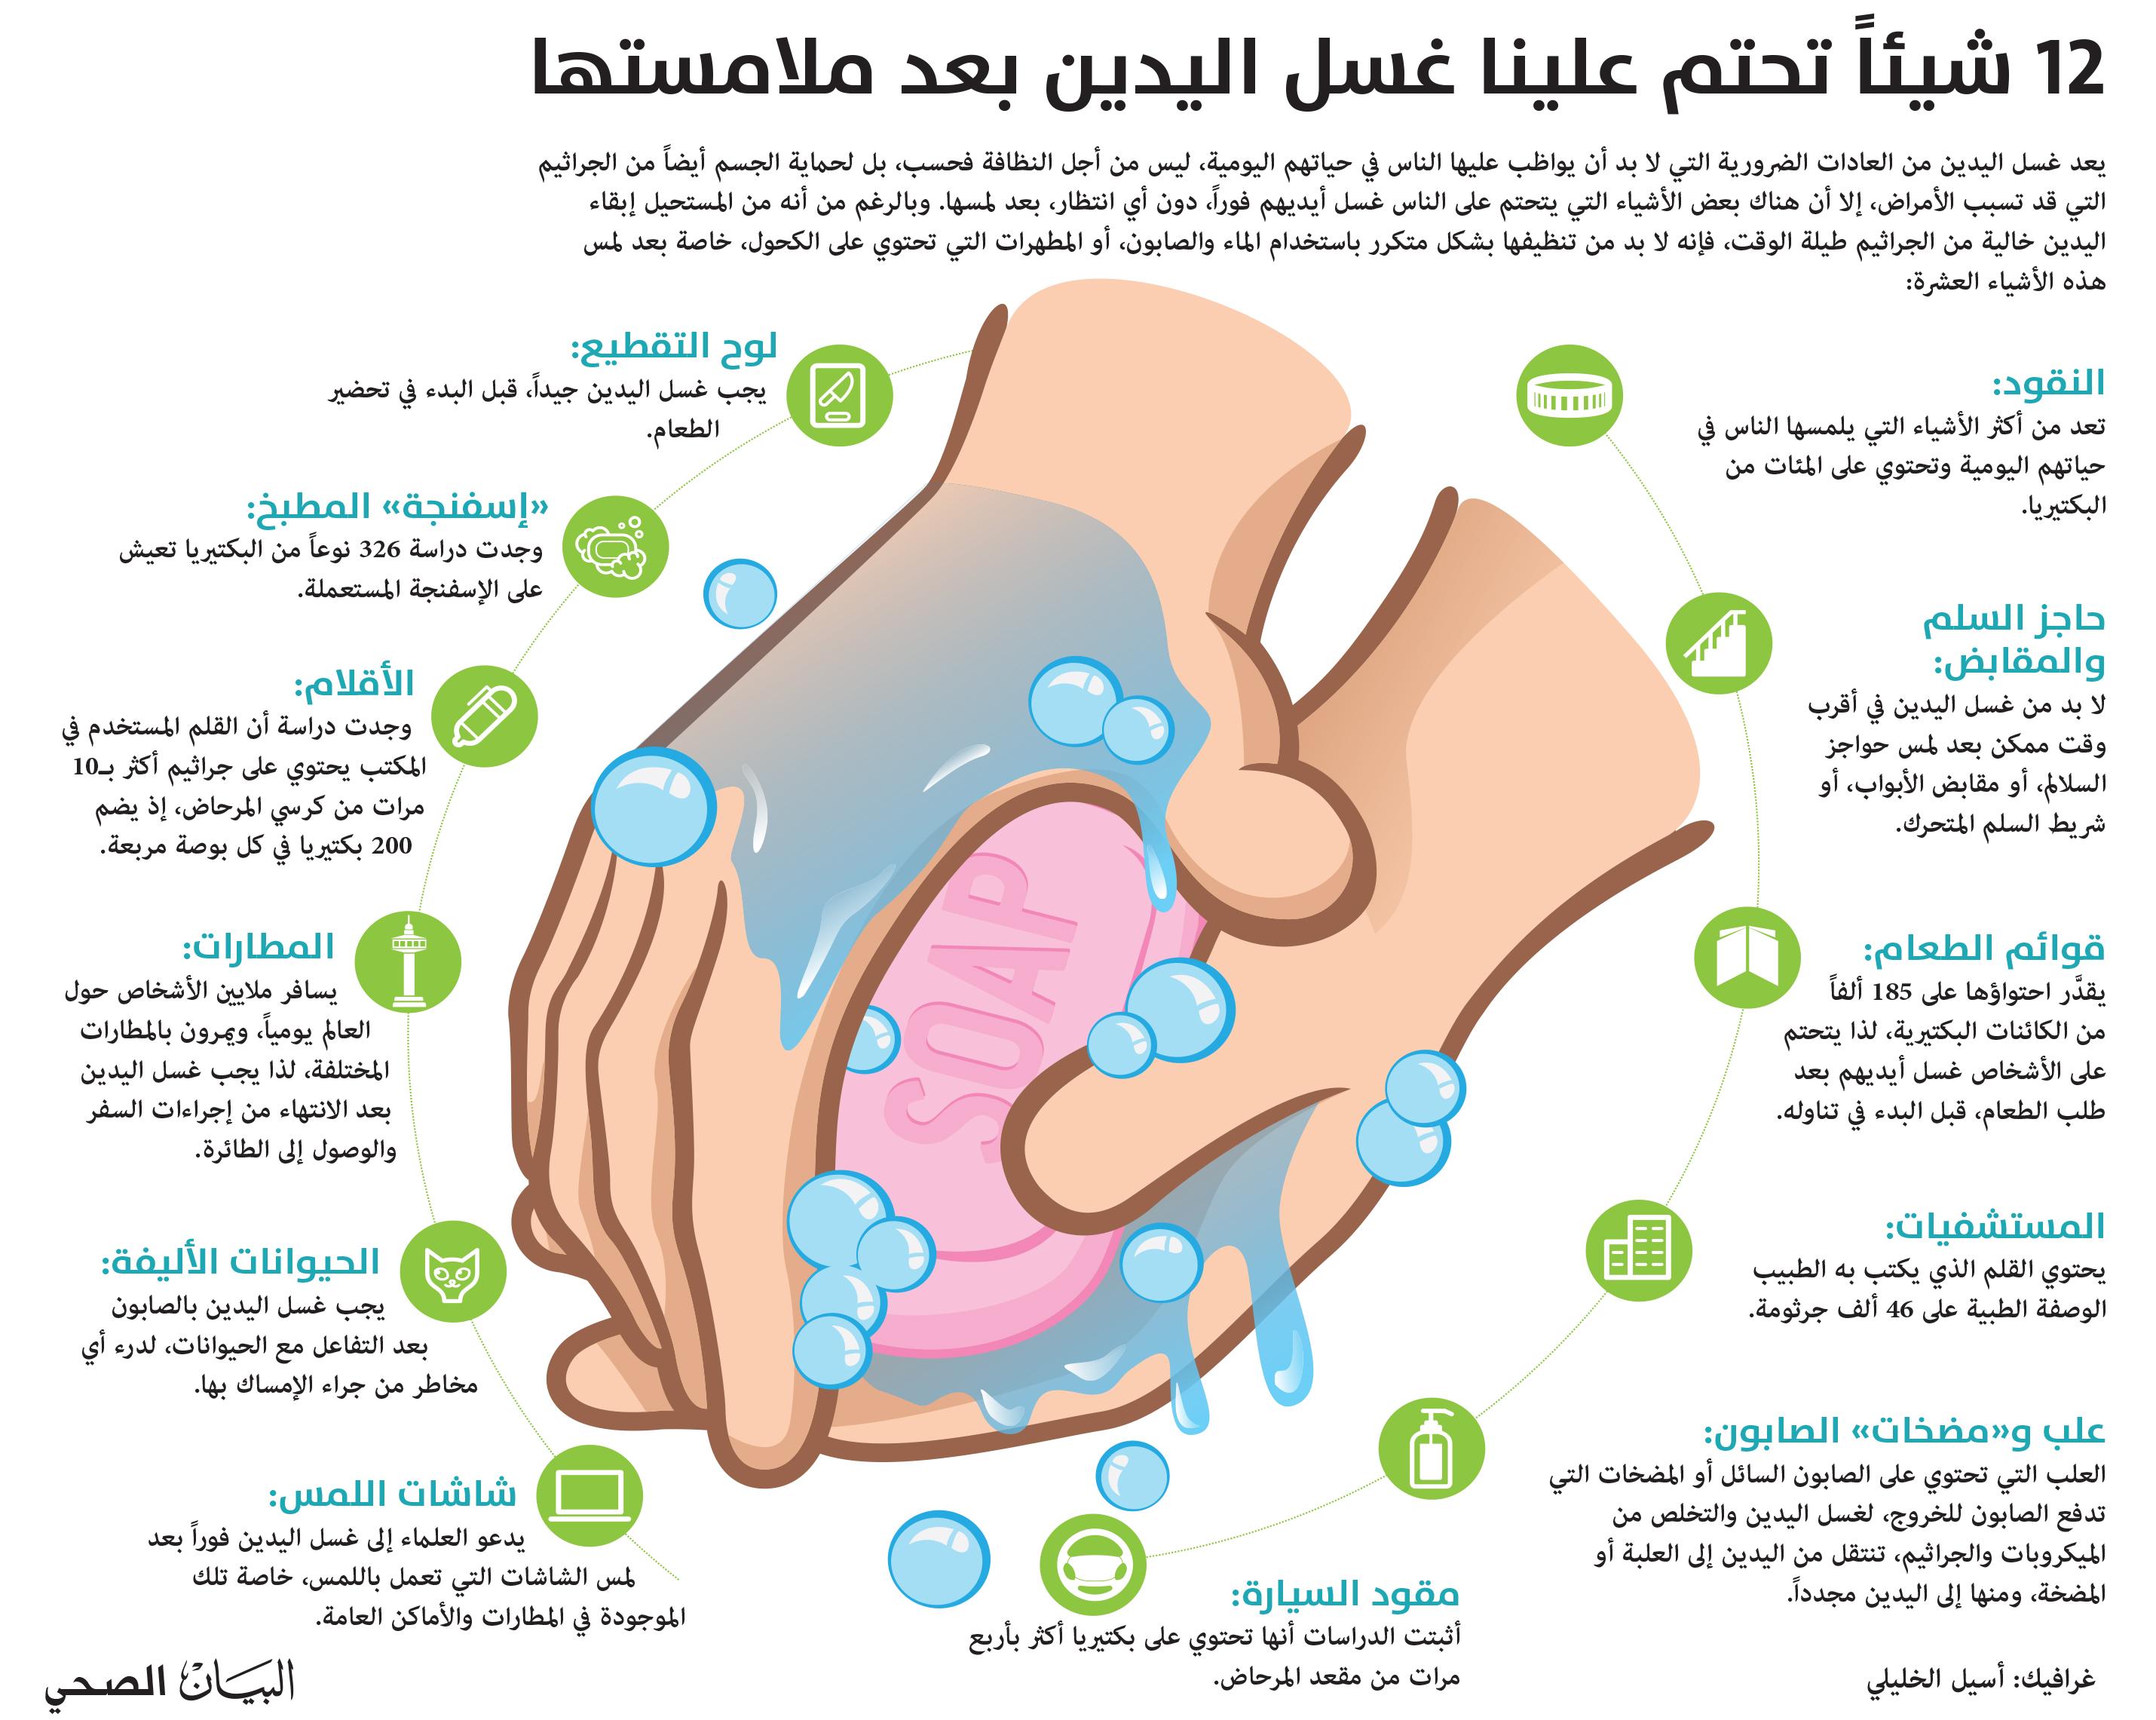 غسل اليدين أساس في الوقاية من الأمراض والتصدي لانتشار العدوى البيان الصحي ملف العدد البيان